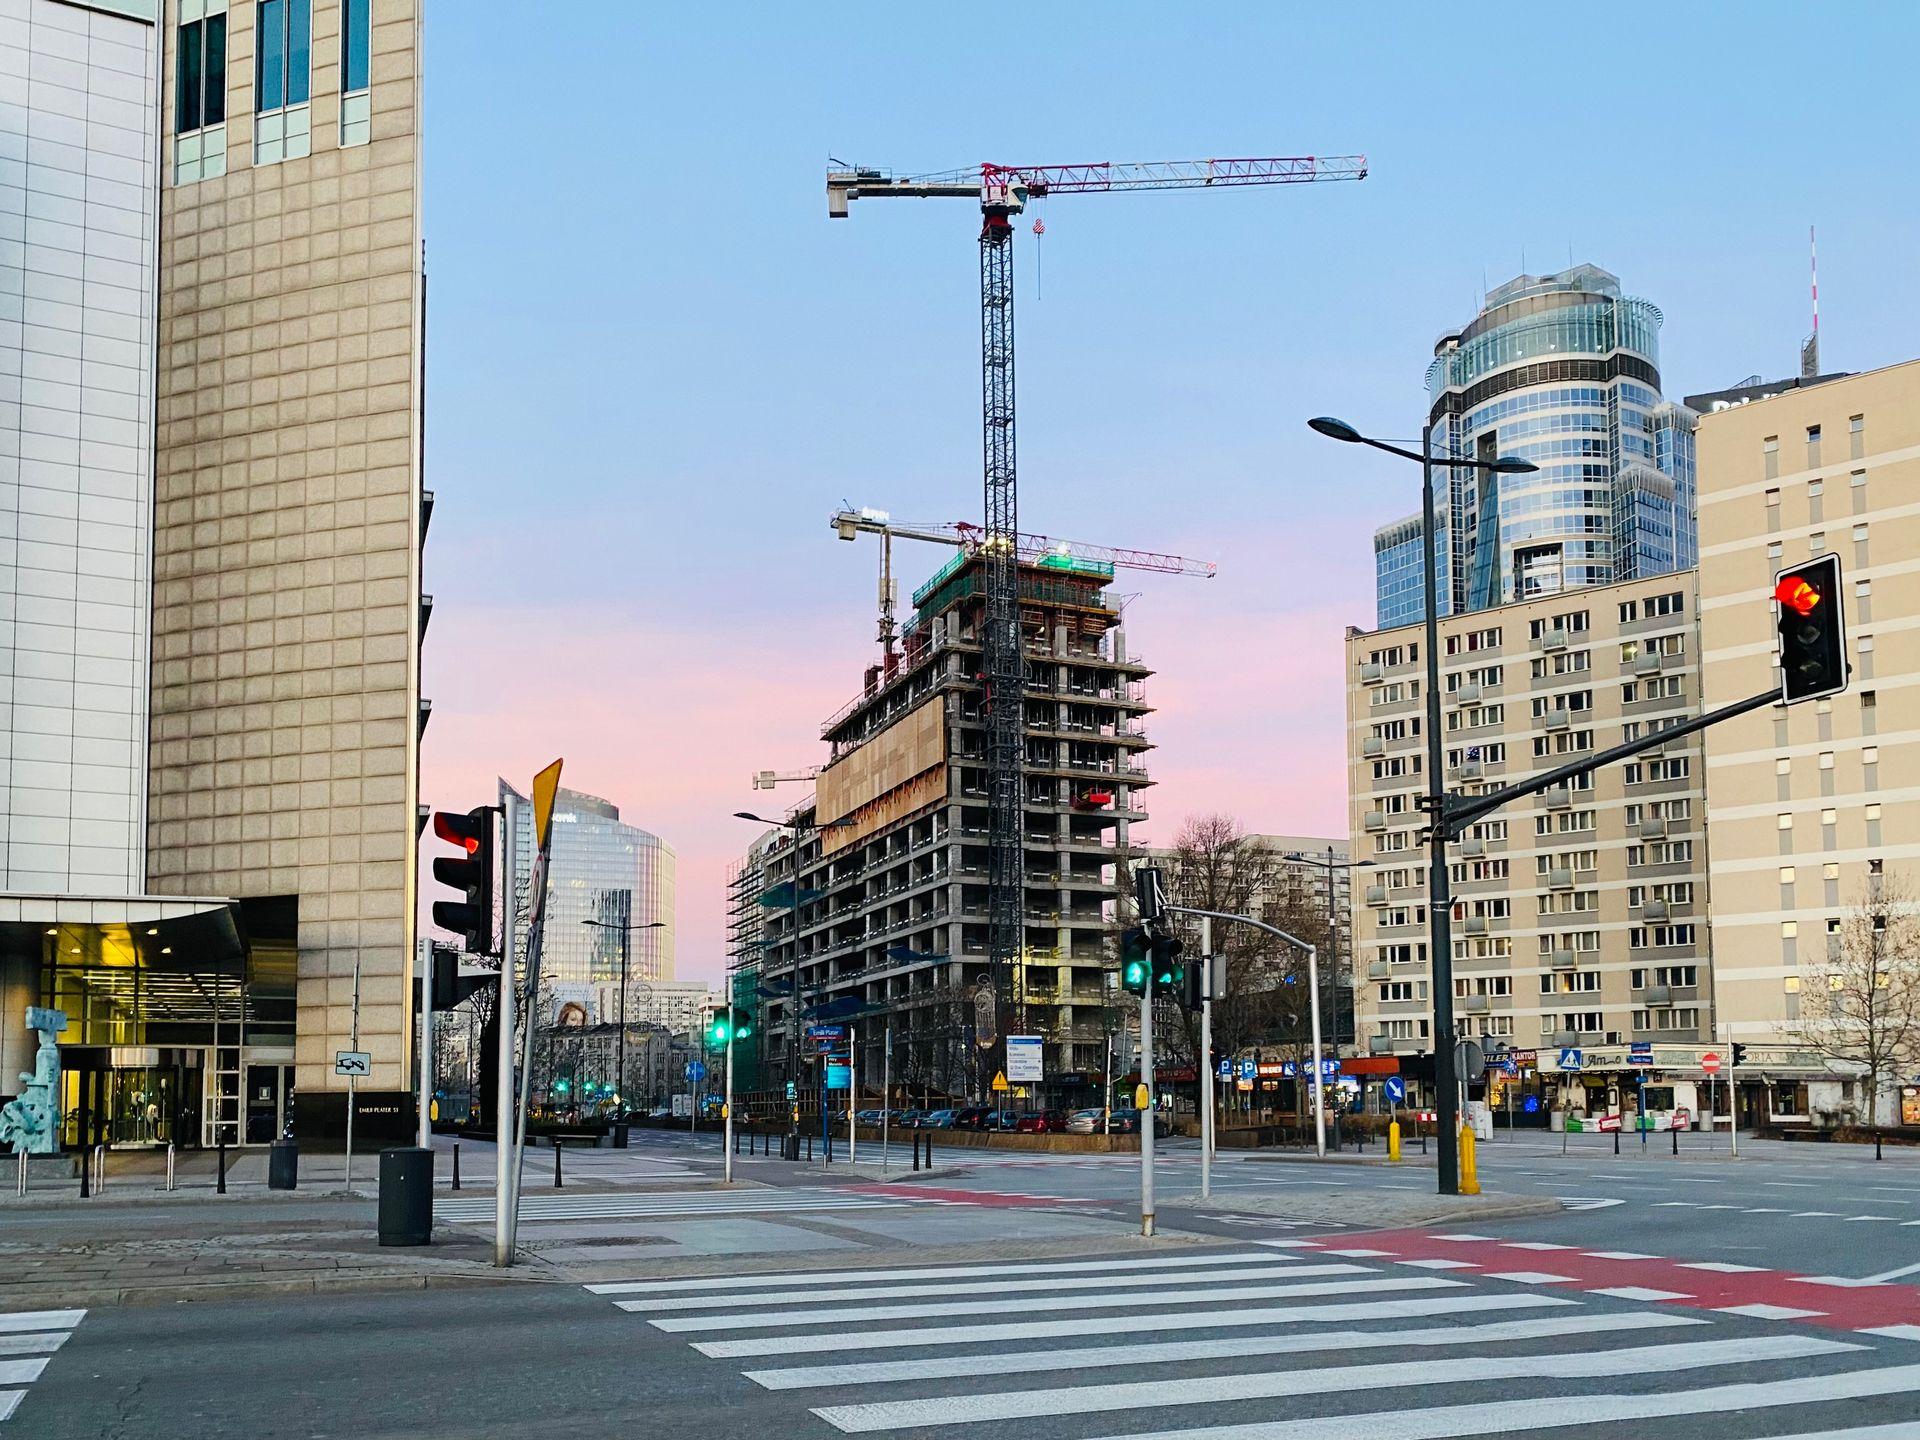 Warszawa: Trwa budowa 155 metrowego wieżowca Skysawa [FILM + ZDJĘCIA]